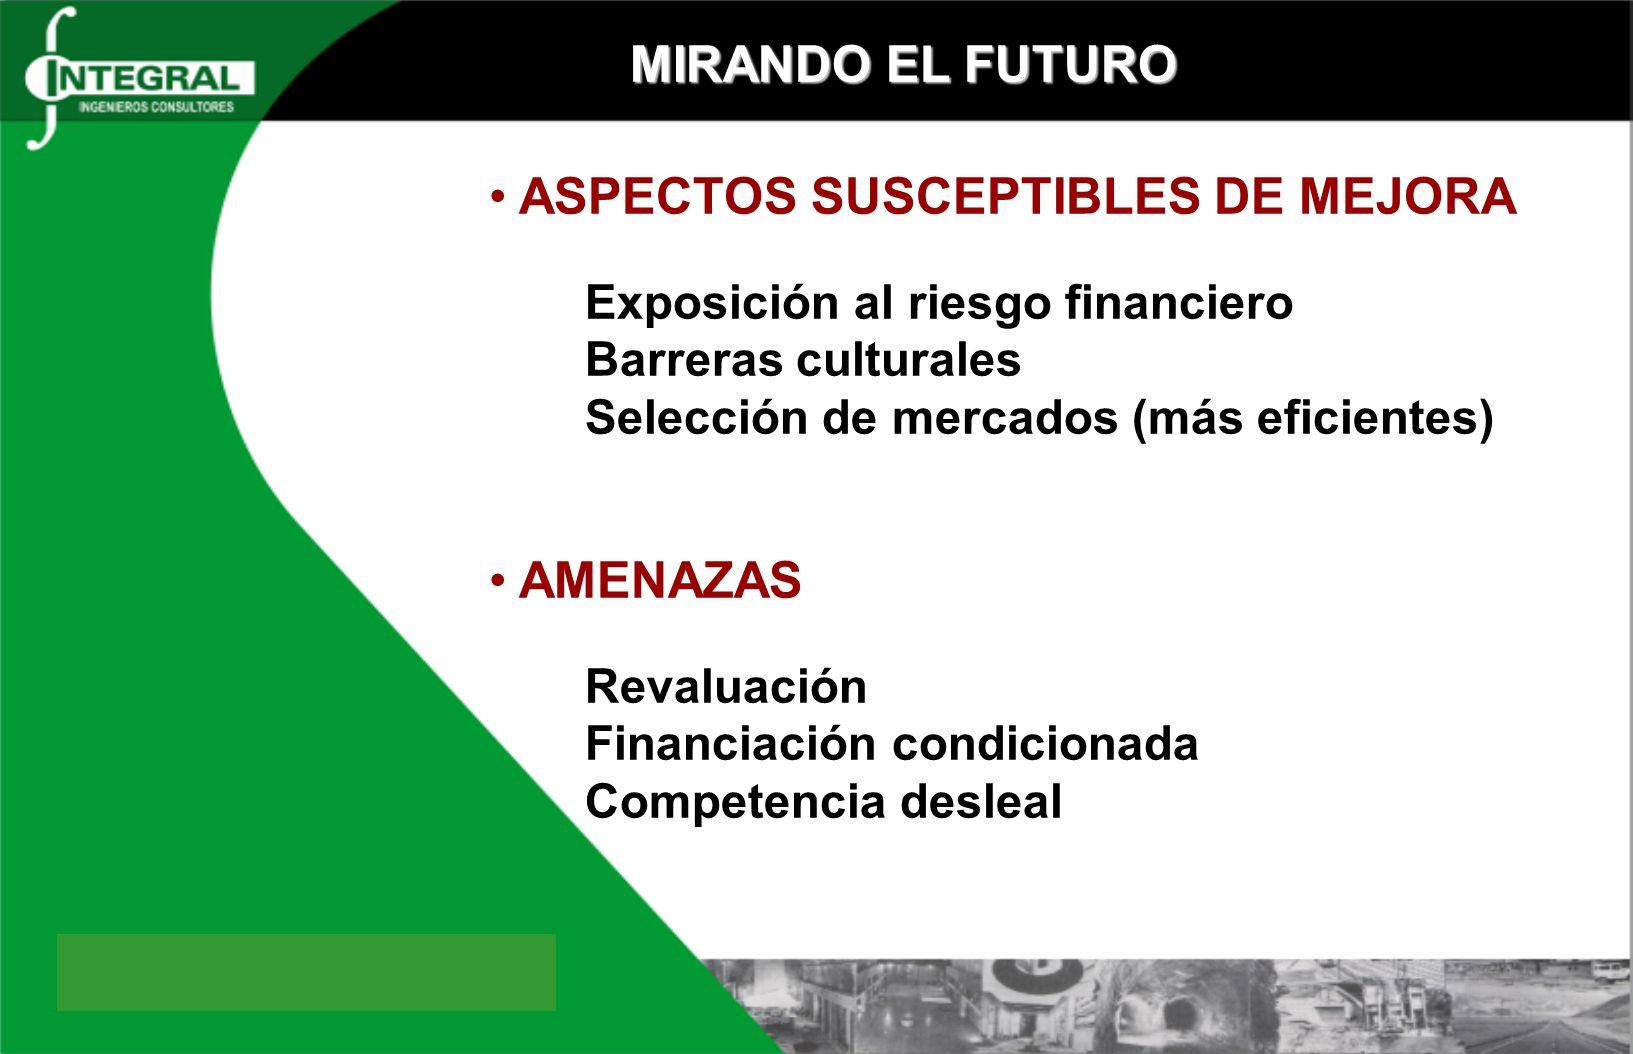 MIRANDO EL FUTURO ASPECTOS SUSCEPTIBLES DE MEJORA Exposición al riesgo financiero Barreras culturales Selección de mercados (más eficientes) AMENAZAS